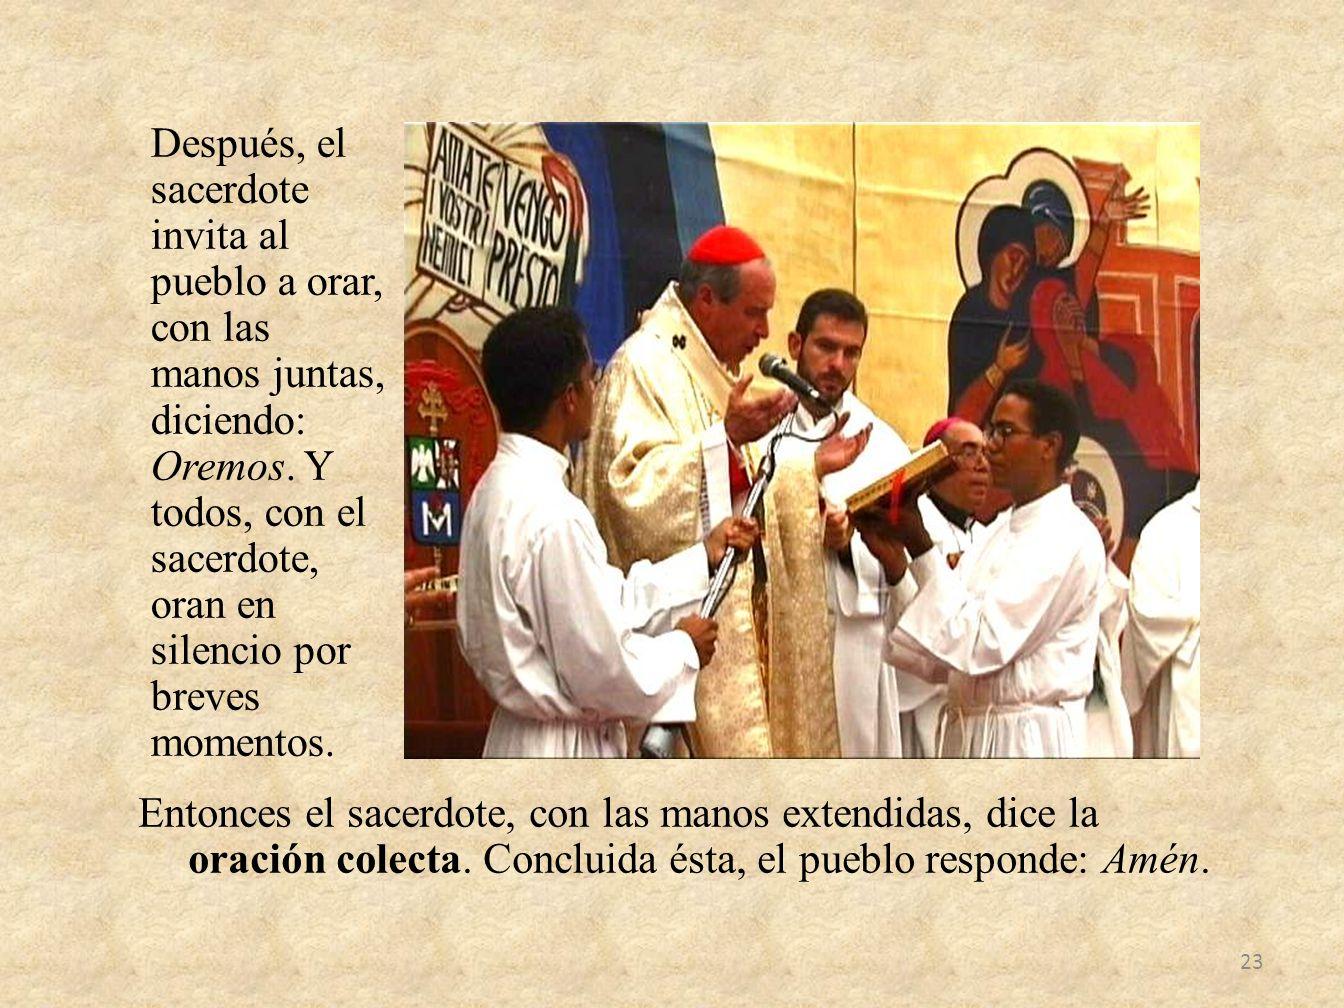 Después, el sacerdote invita al pueblo a orar, con las manos juntas, diciendo: Oremos. Y todos, con el sacerdote, oran en silencio por breves momentos